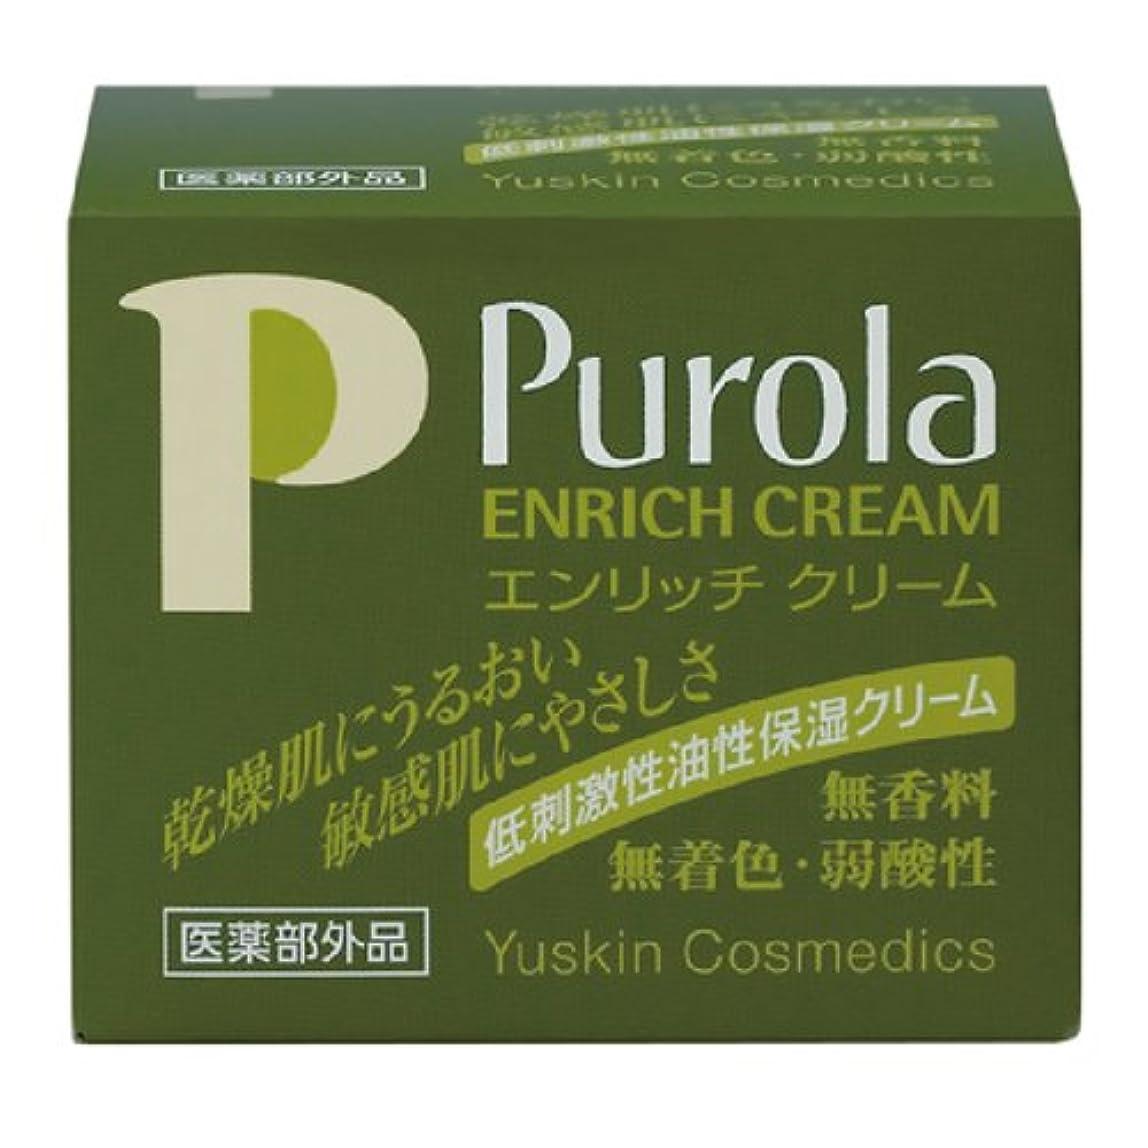 コントラスト圧縮する割るプローラ 薬用エンリッチクリームa 67g